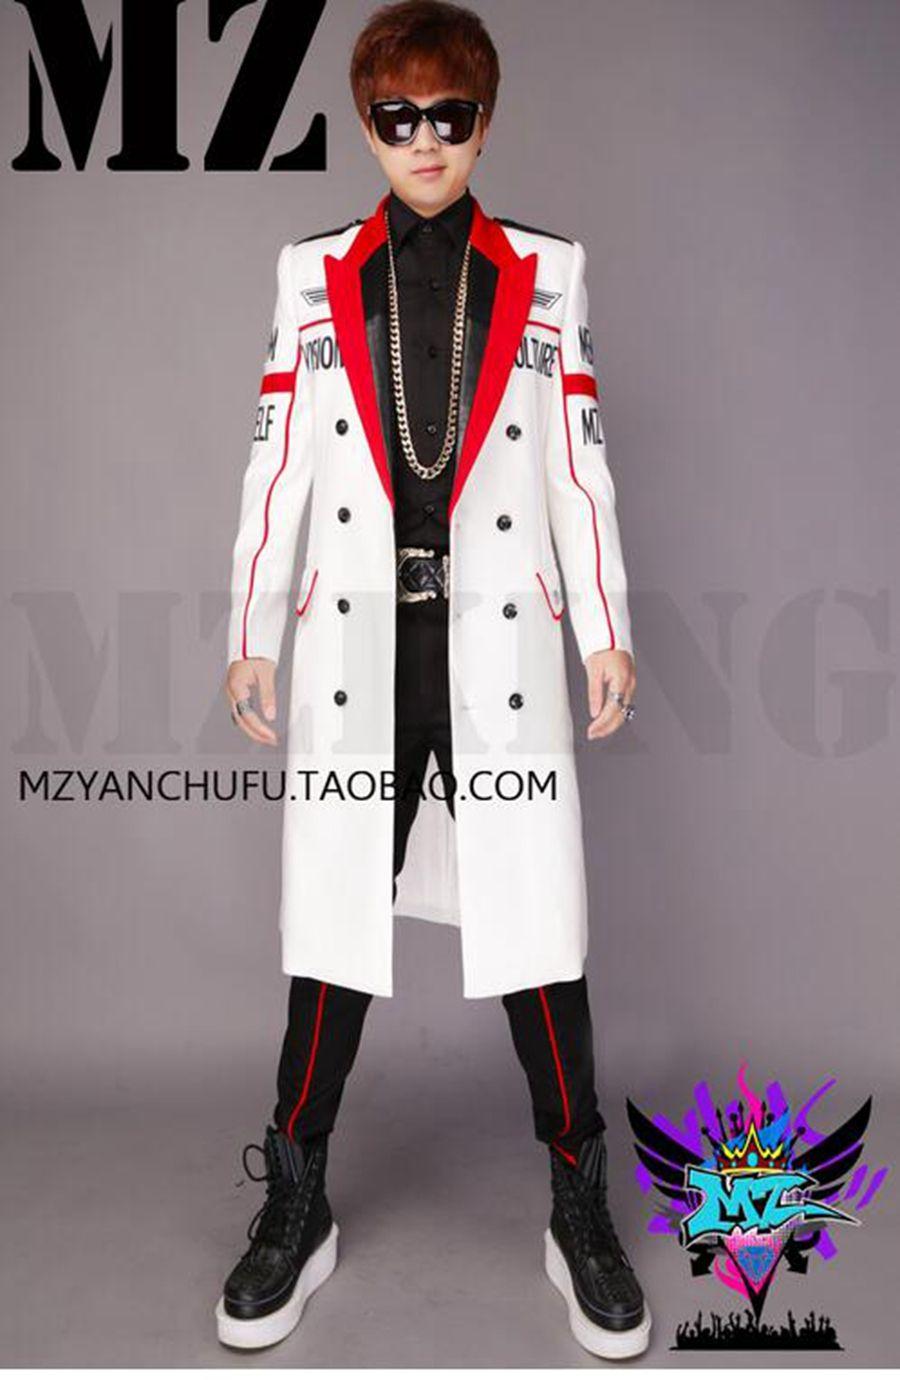 الذكور المدرج ملهى ليلي الأزياء المدرج تبدو بيضاء ، رسائل سوداء مزدوجة الصدر دعوى ازياء طويلة المال. S - 6 xl